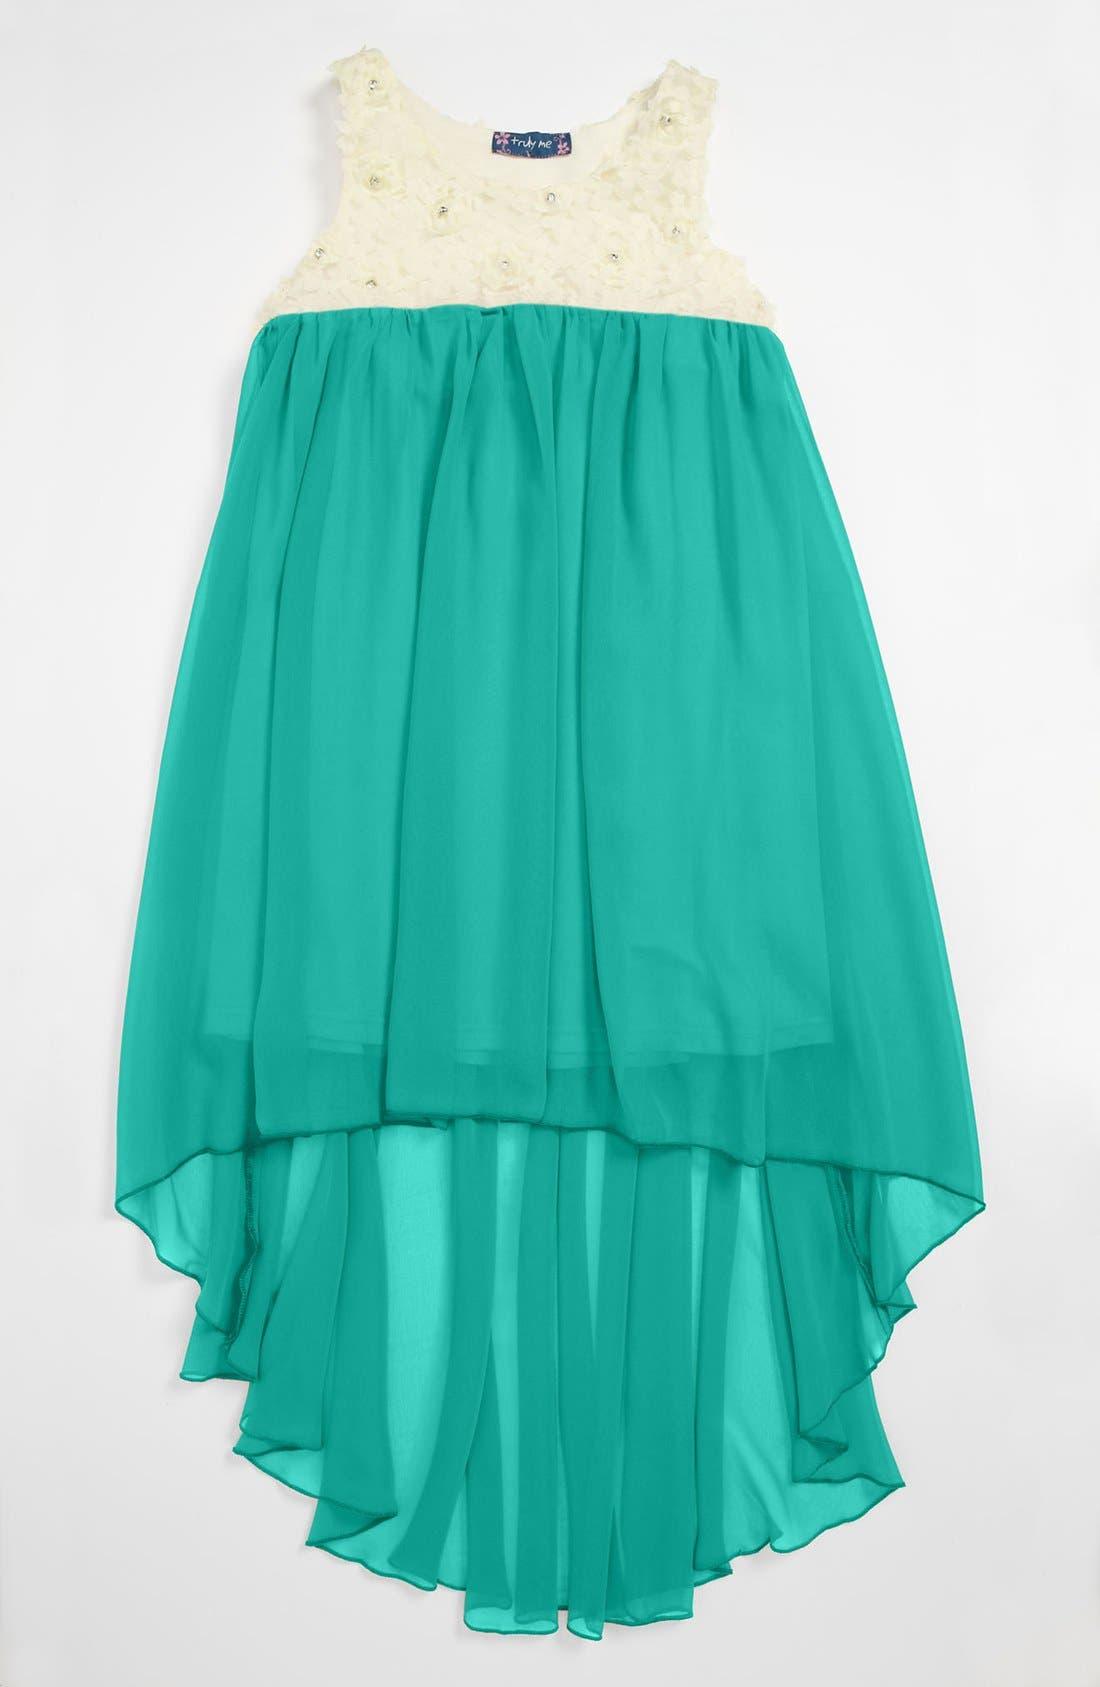 Main Image - Truly Me Chiffon Dress (Big Girls)